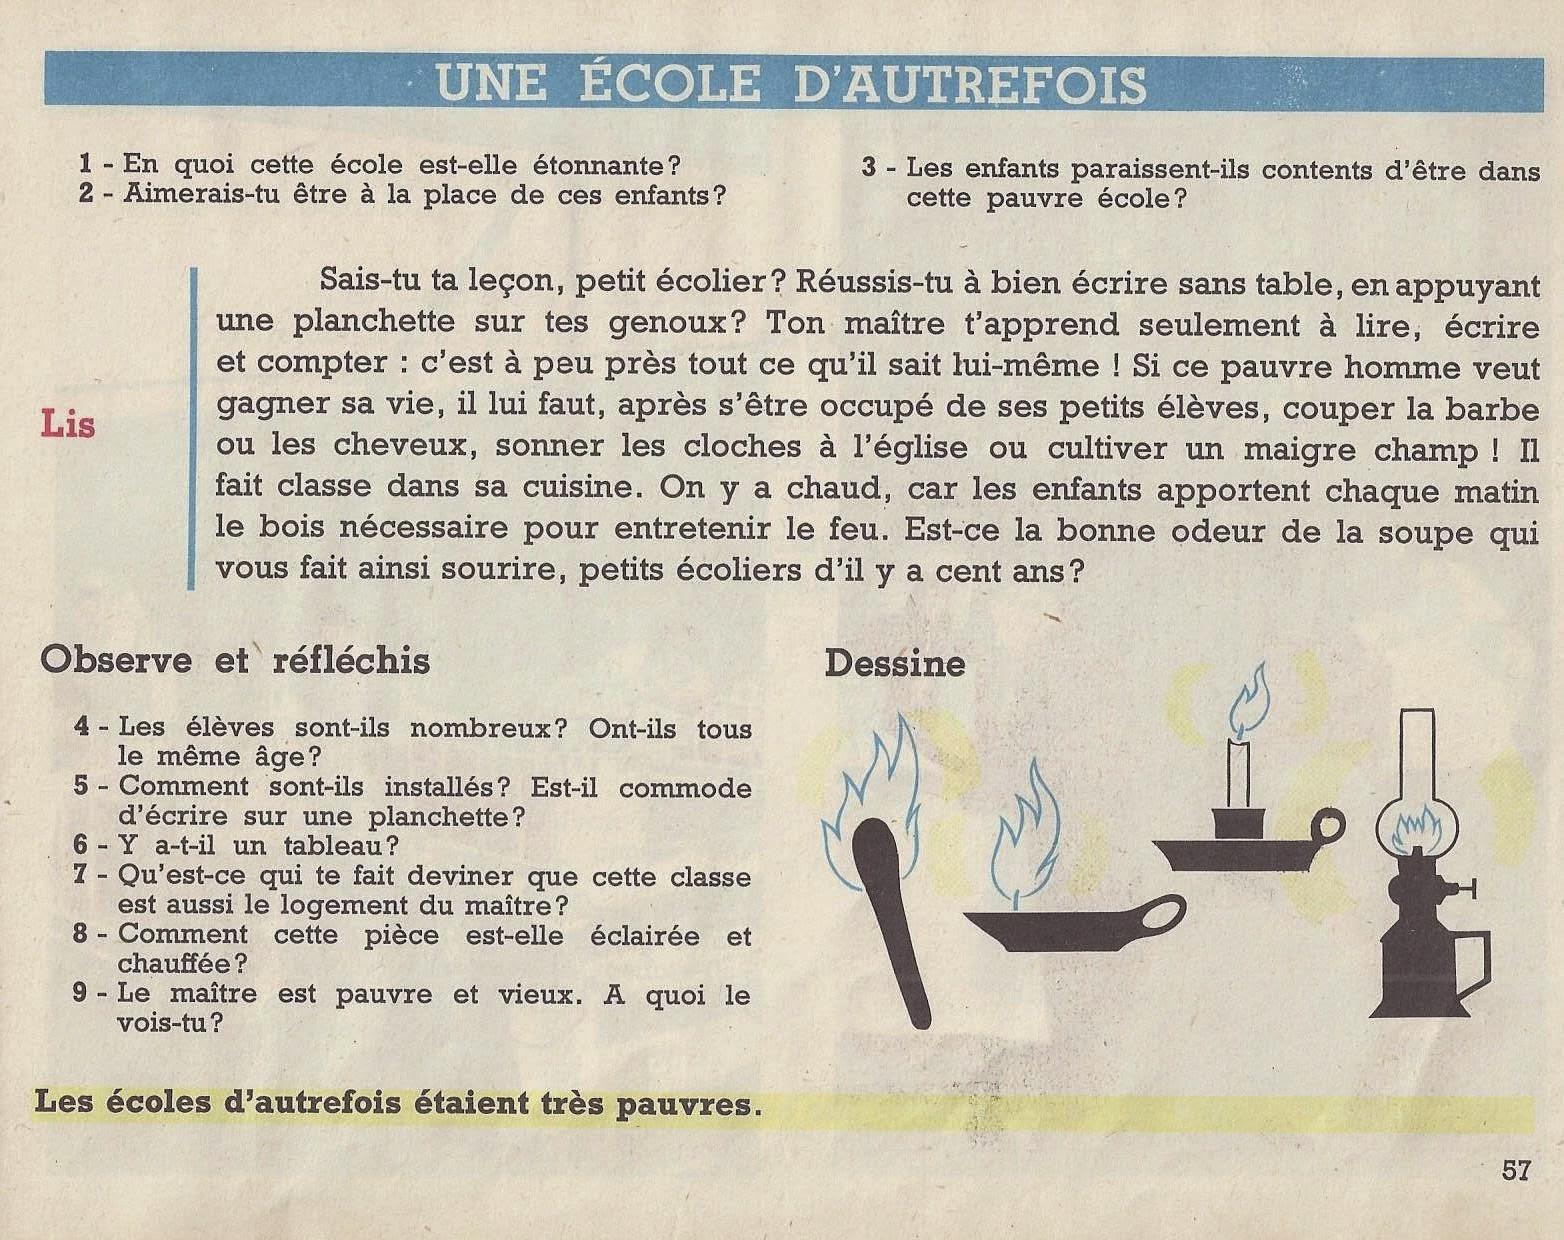 """Résultat de recherche d'images pour """"Marc PLANCHETTE"""""""